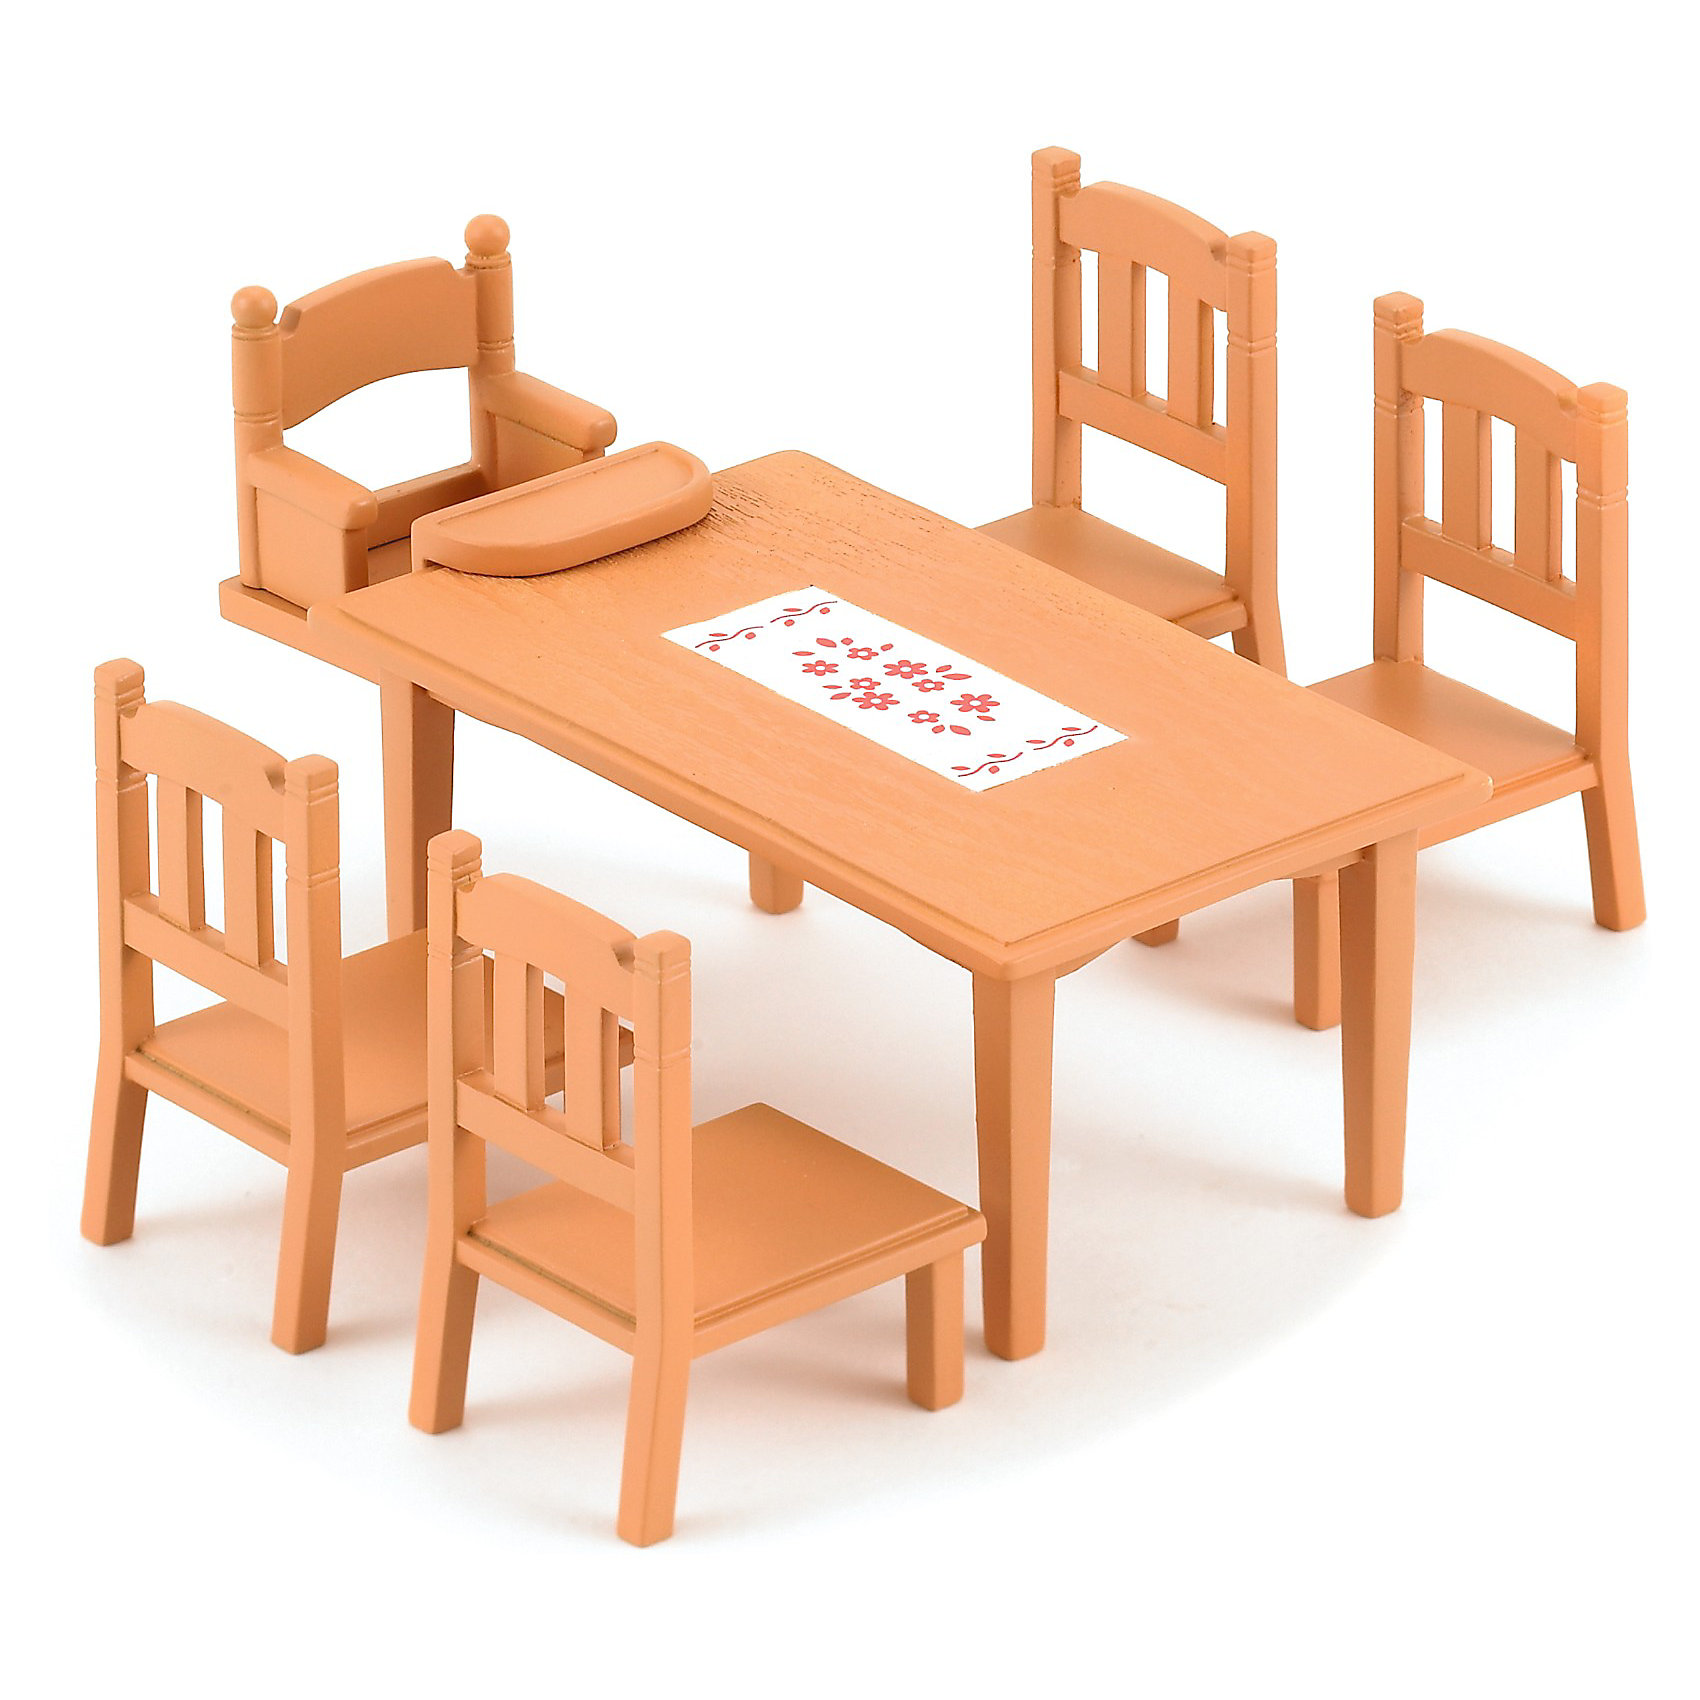 Набор Обеденный стол с 5 стульями Sylvanian FamiliesSylvanian Families<br>Обеденный стол и стулья от Sylvanian Families. <br><br>Sylvanian Families – это удивительный мир, в котором сказочные животные живут настоящими семьями. В этом мире существуют не только взрослые персонажи, но и детишки разного возраста, а также бабушки и дедушки. Их мир наполнен гармонией и заботой друг о друге. <br><br>Семьи Сильвании любят собираться за большим обеденным столом. За ним помещается вся семья - есть даже специальный стул для малыша, который крепится к столу. Стол выполнен из светло-коричневого дерева, на поверхности есть рисунок в виде красных цветов на белом фоне. Такой набор дополнит любой дом в Сильвании.<br><br>Дополнительная информация:<br><br>В комплекте:<br>- стол (11 х 5 х 6,5 см);<br>- 4 стула (3,5 х 6,5 х 3,5 см);<br>- маленький стул (3,5 х 3,5 х 3,5 см).<br><br>Размер коробки: 13 х 5 х 10 см.<br>Материал: пластмасса.<br><br>Этот набор обязательно порадует Вашего ребёнка, ведь теперь он сможет разыгрывать сценки из собственной жизни! Набор также способствует развитию фантазии и навыков общения.<br><br>Ширина мм: 128<br>Глубина мм: 121<br>Высота мм: 53<br>Вес г: 118<br>Возраст от месяцев: 36<br>Возраст до месяцев: 72<br>Пол: Женский<br>Возраст: Детский<br>SKU: 2328097